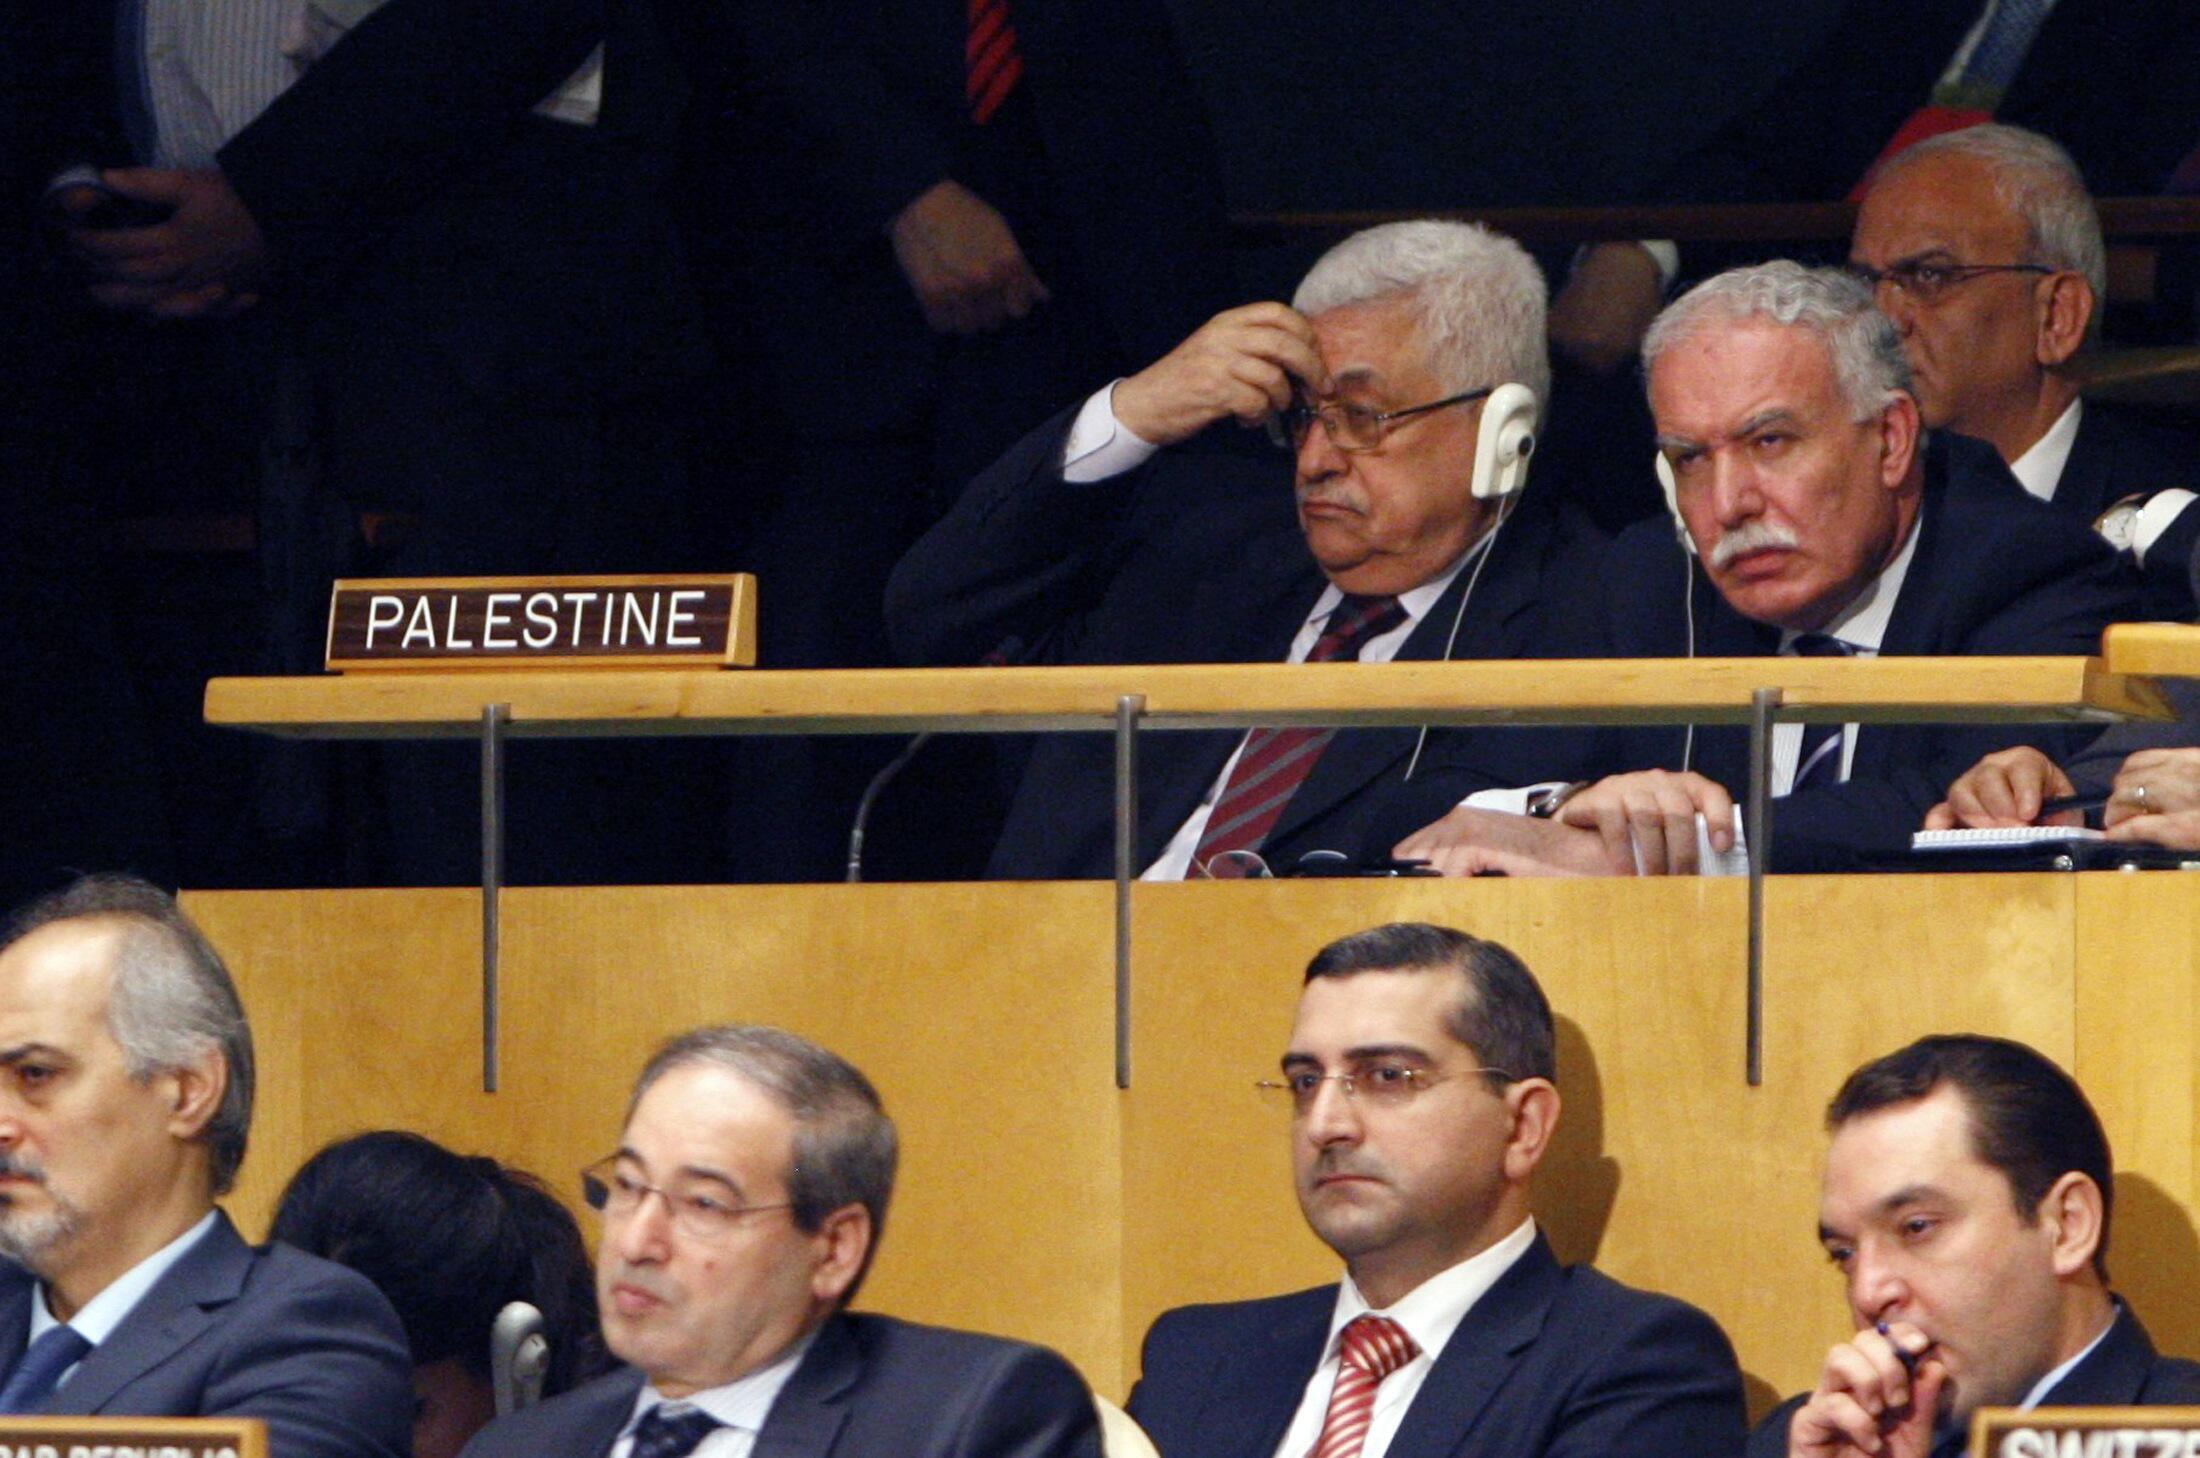 Tổng thống Palestine Mahmoud Abbas nghe tổng thống Mỹ Barack Obama đọc diễn văn tại Đại hội đồng Liên Hiệp Quốc, khóa 66, New York, 21/09/2011